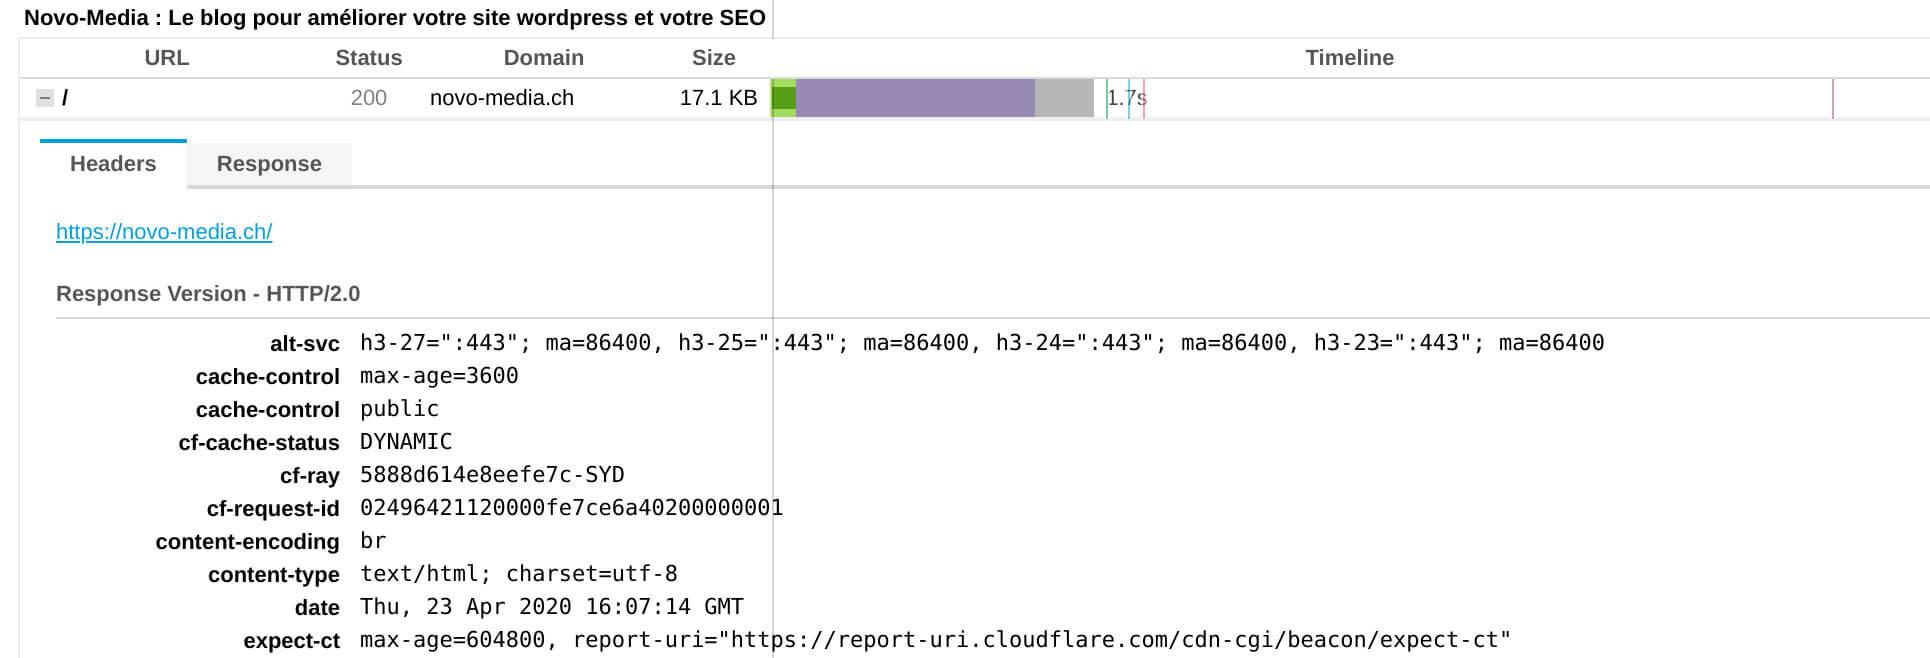 le statut du cache cloudflare est dynamique pour cette requête